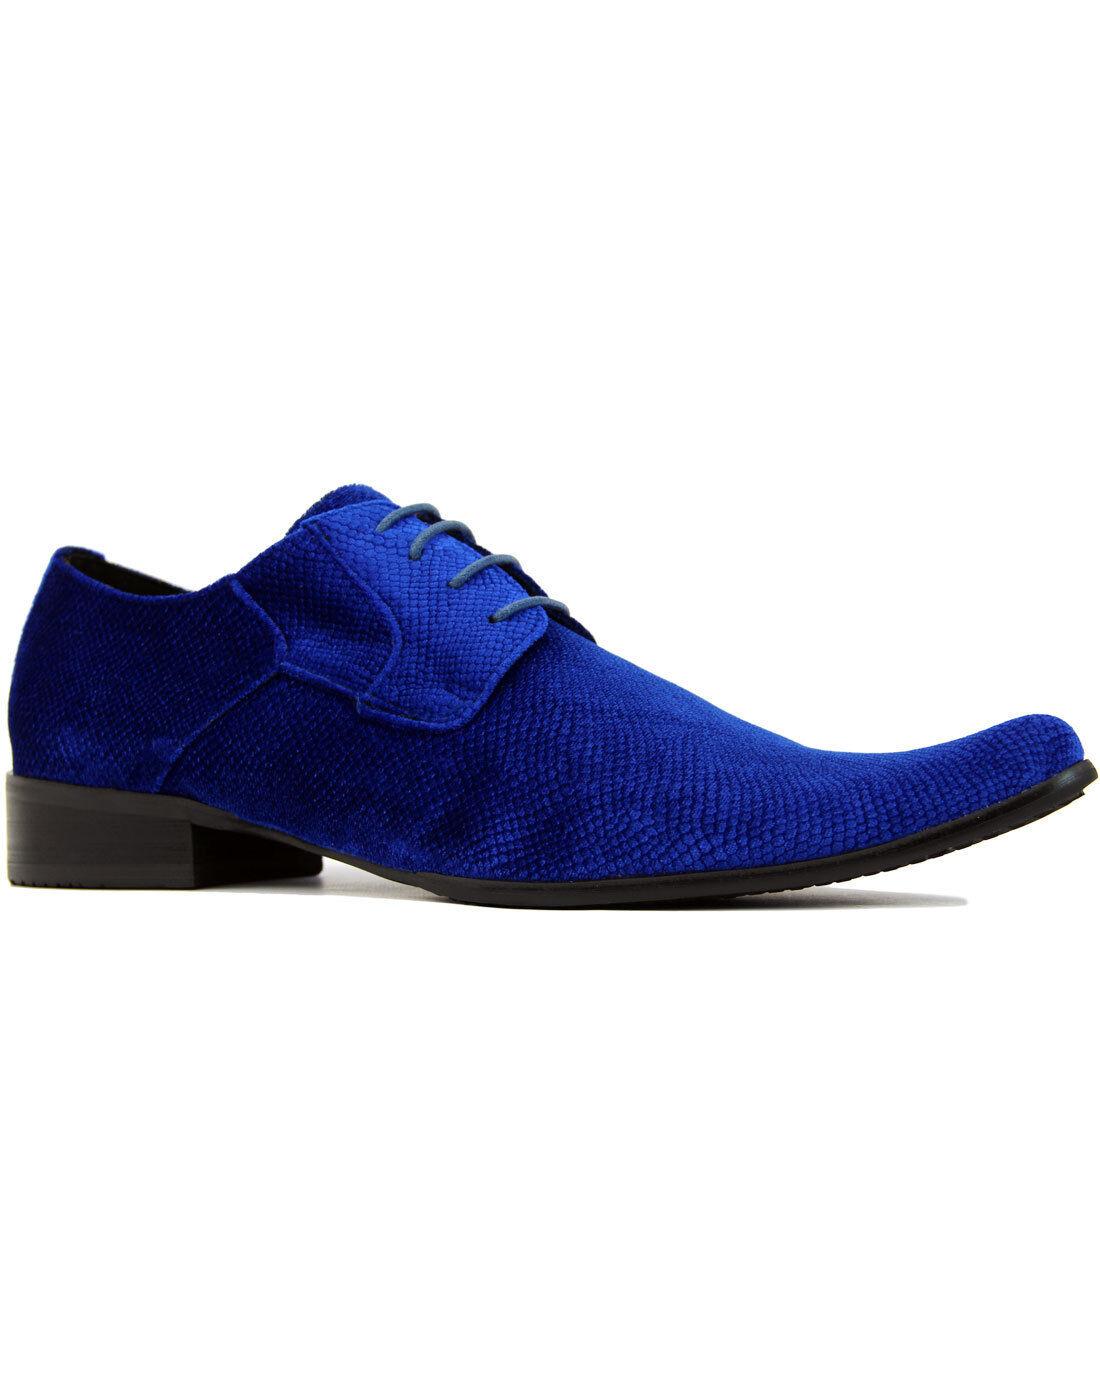 NEW VELVET WINKLEPICKER SHOES MADCAP ENGLAND MENS SNAKESKIN Velvet Shoes BLUE